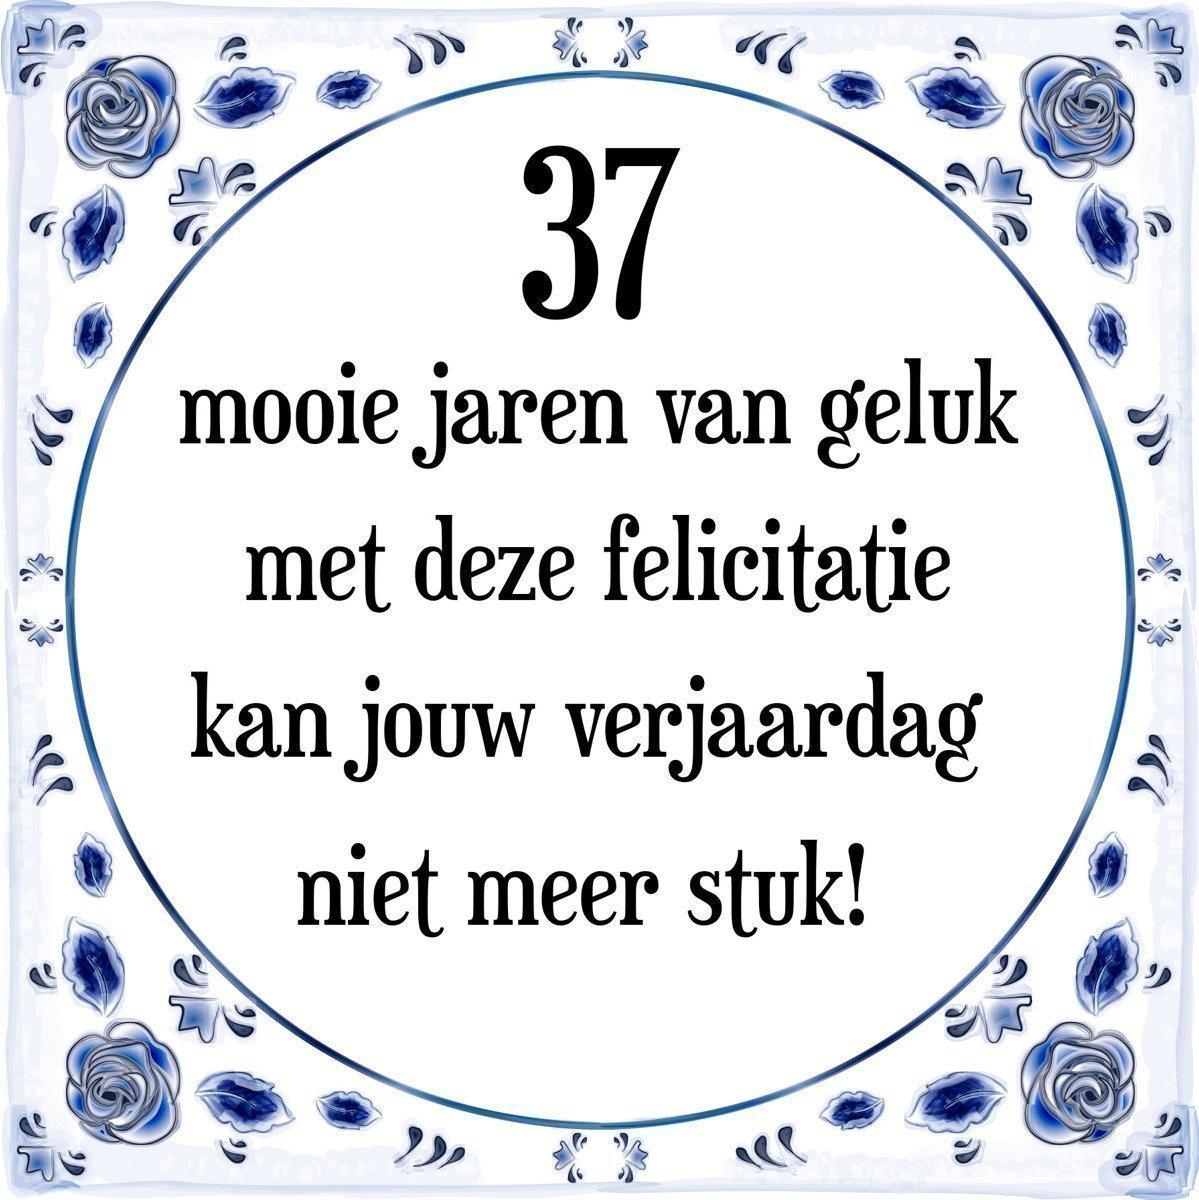 Goedkoopste Verjaardag Tegeltje Met Spreuk 37 Jaar 37 Mooie Jaren